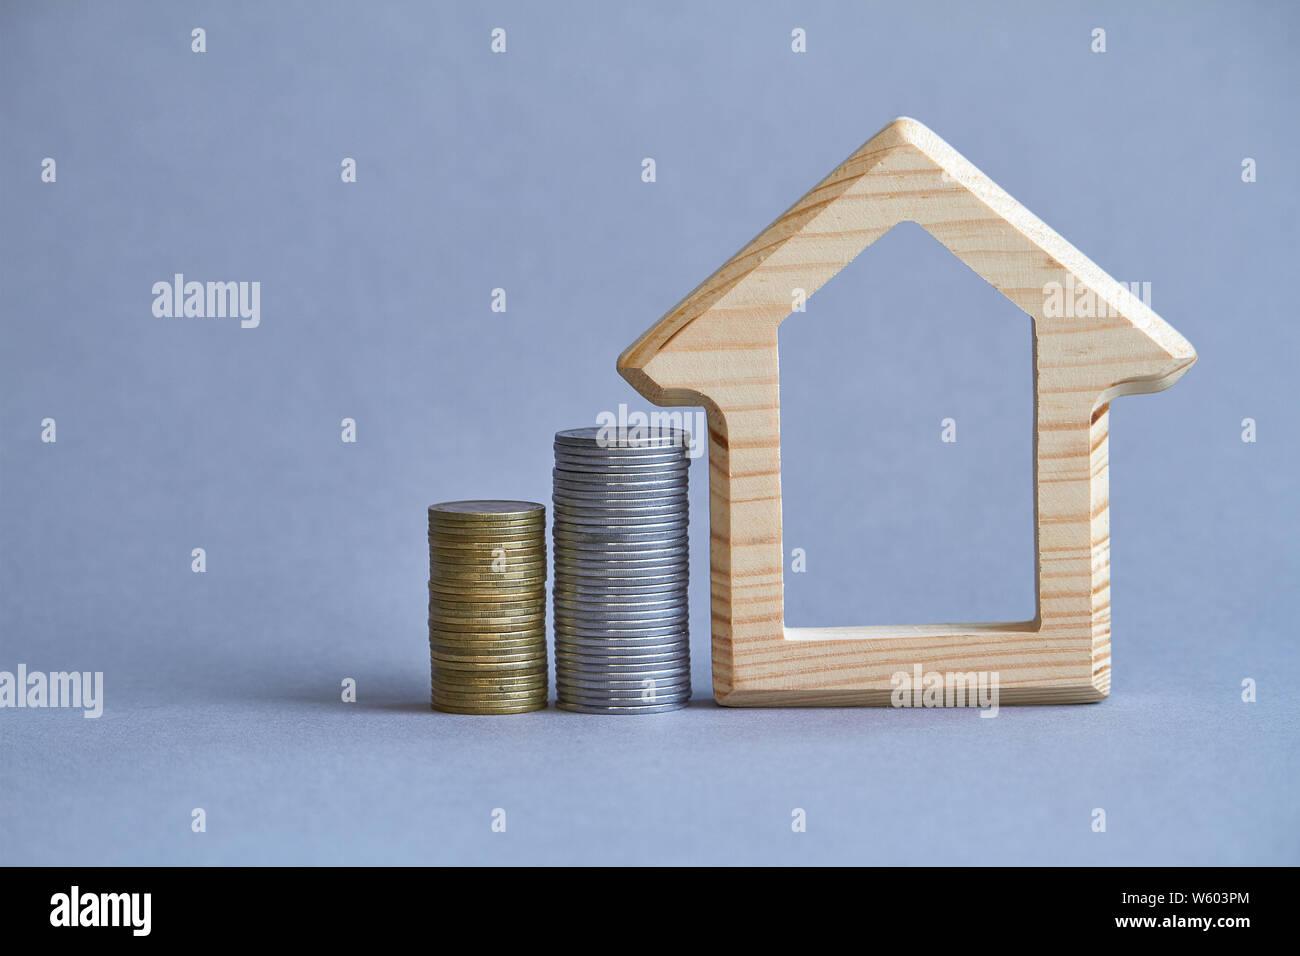 Figurilla de madera casa con dos columnas de monedas cerca sobre fondo gris, el concepto de la compra o el alquiler de un edificio, el enfoque selectivo Foto de stock